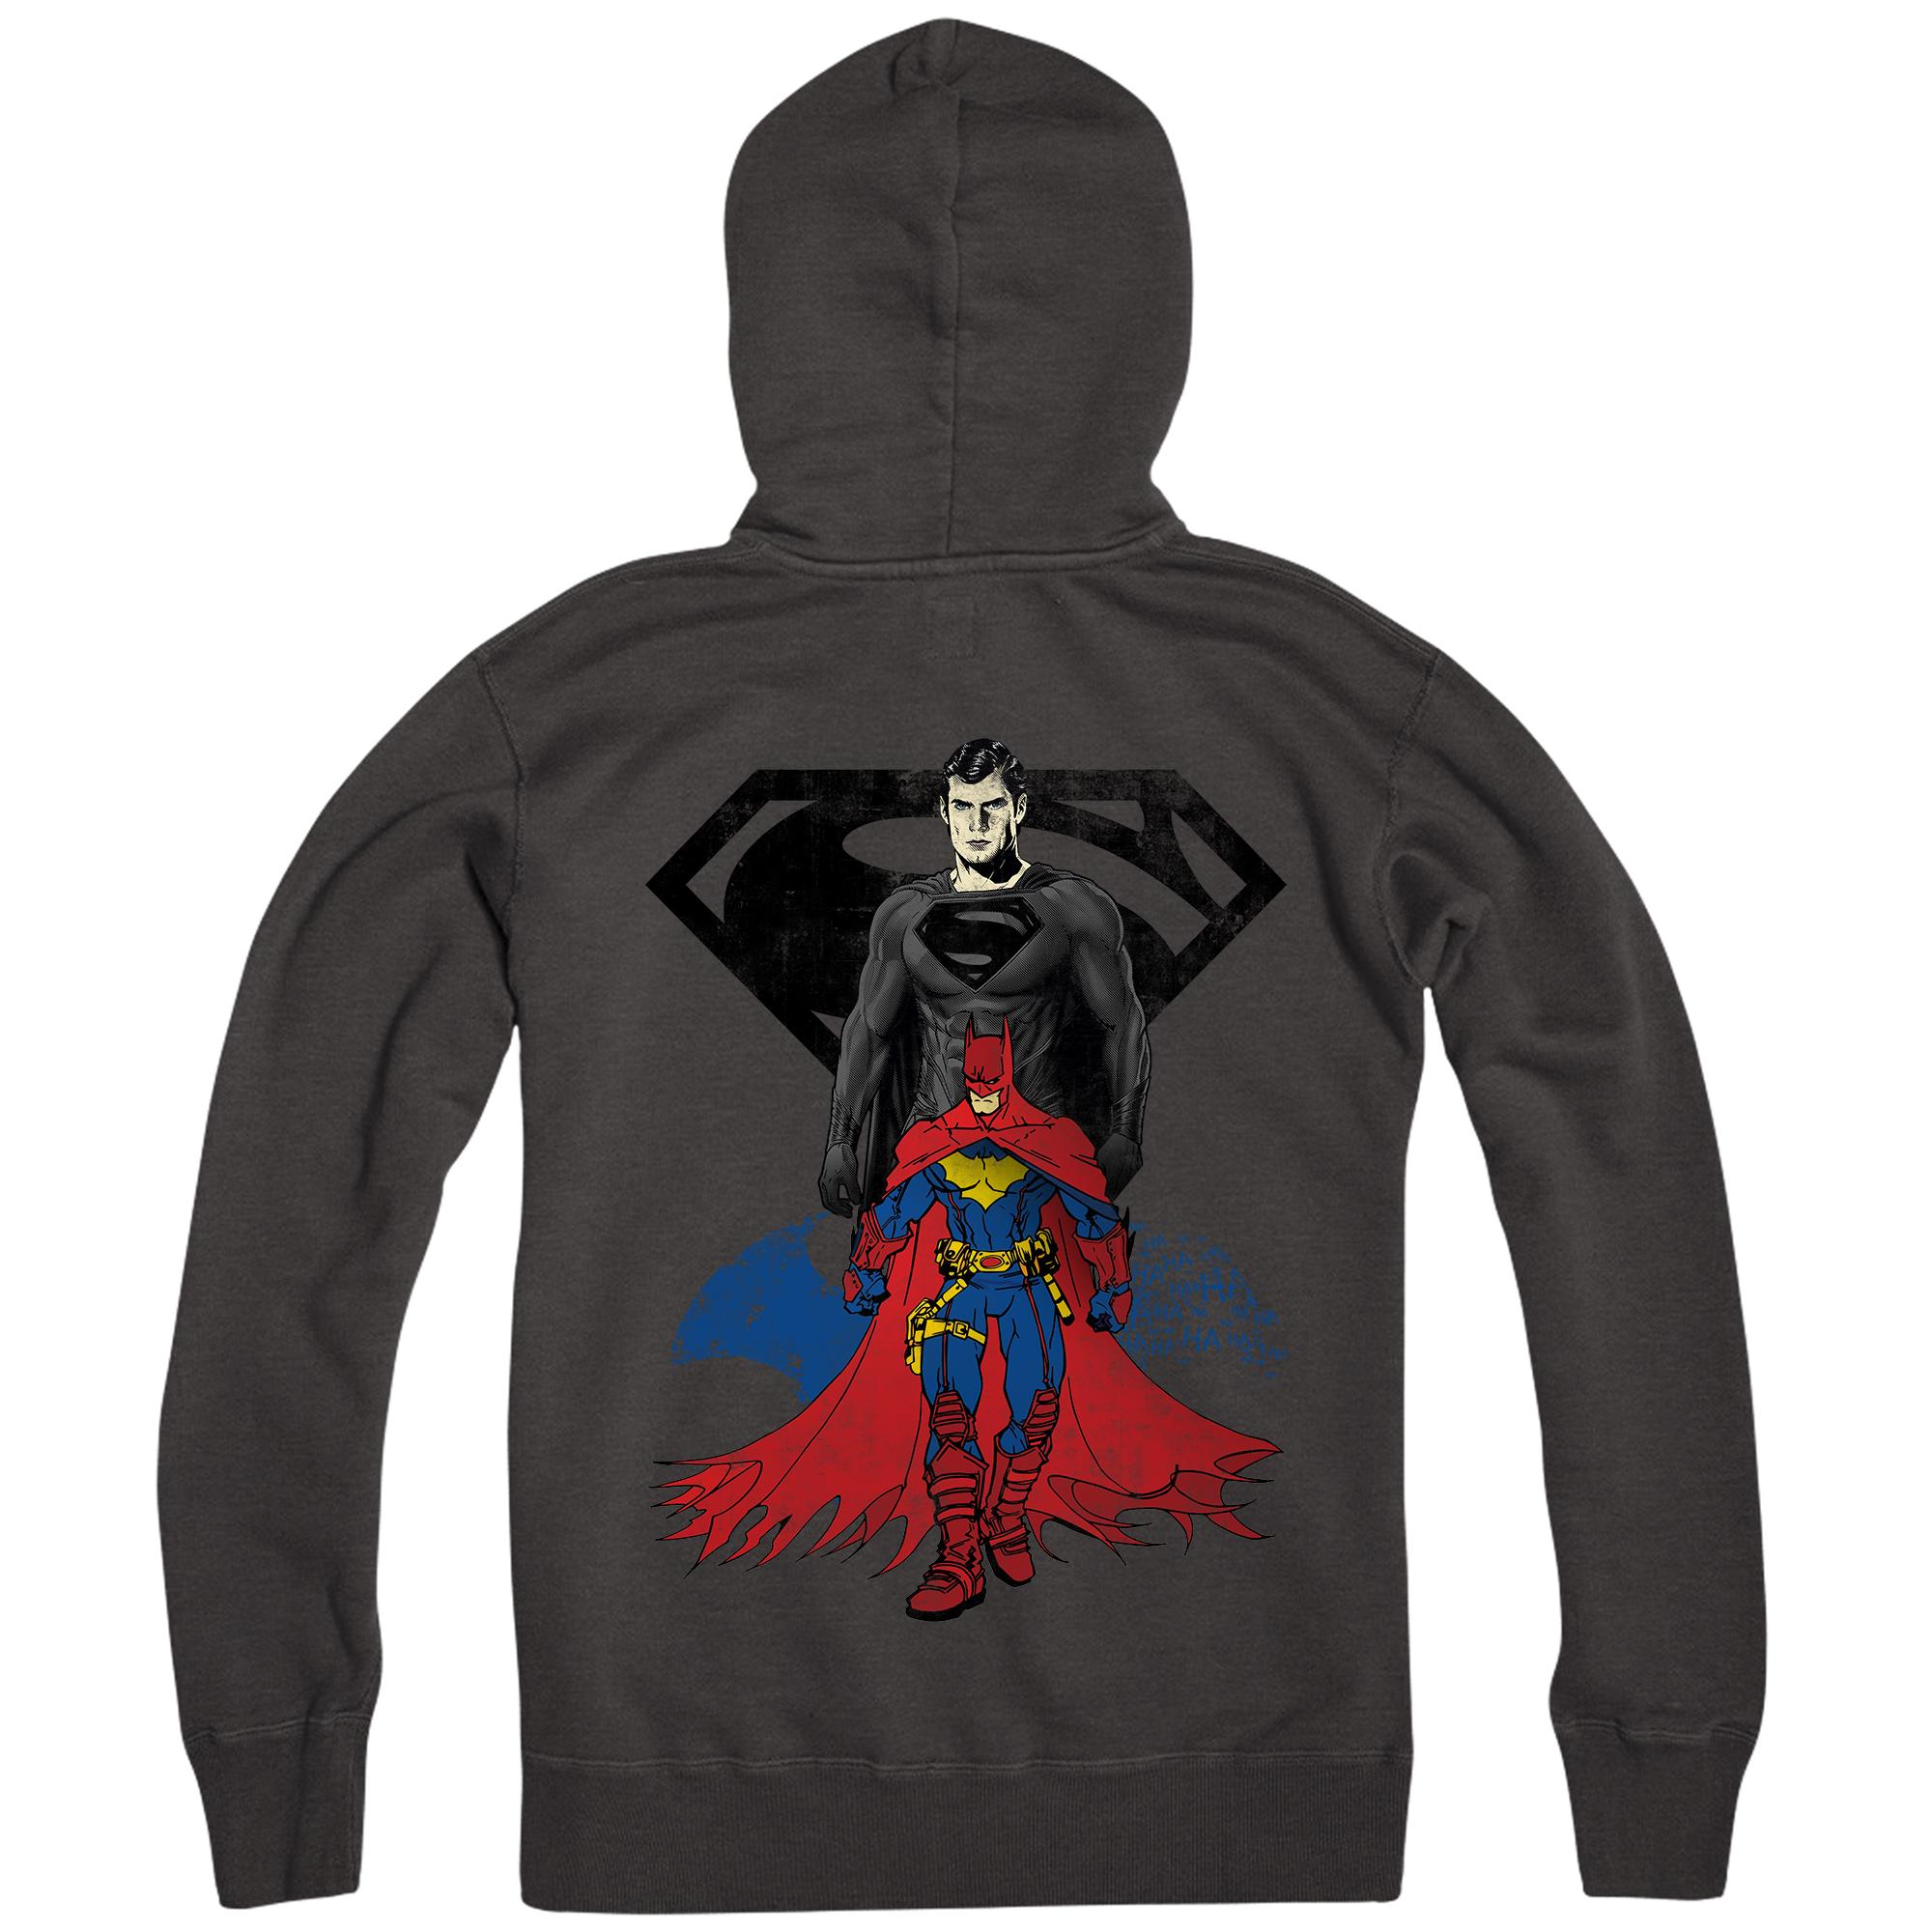 Marvel comics hoodie